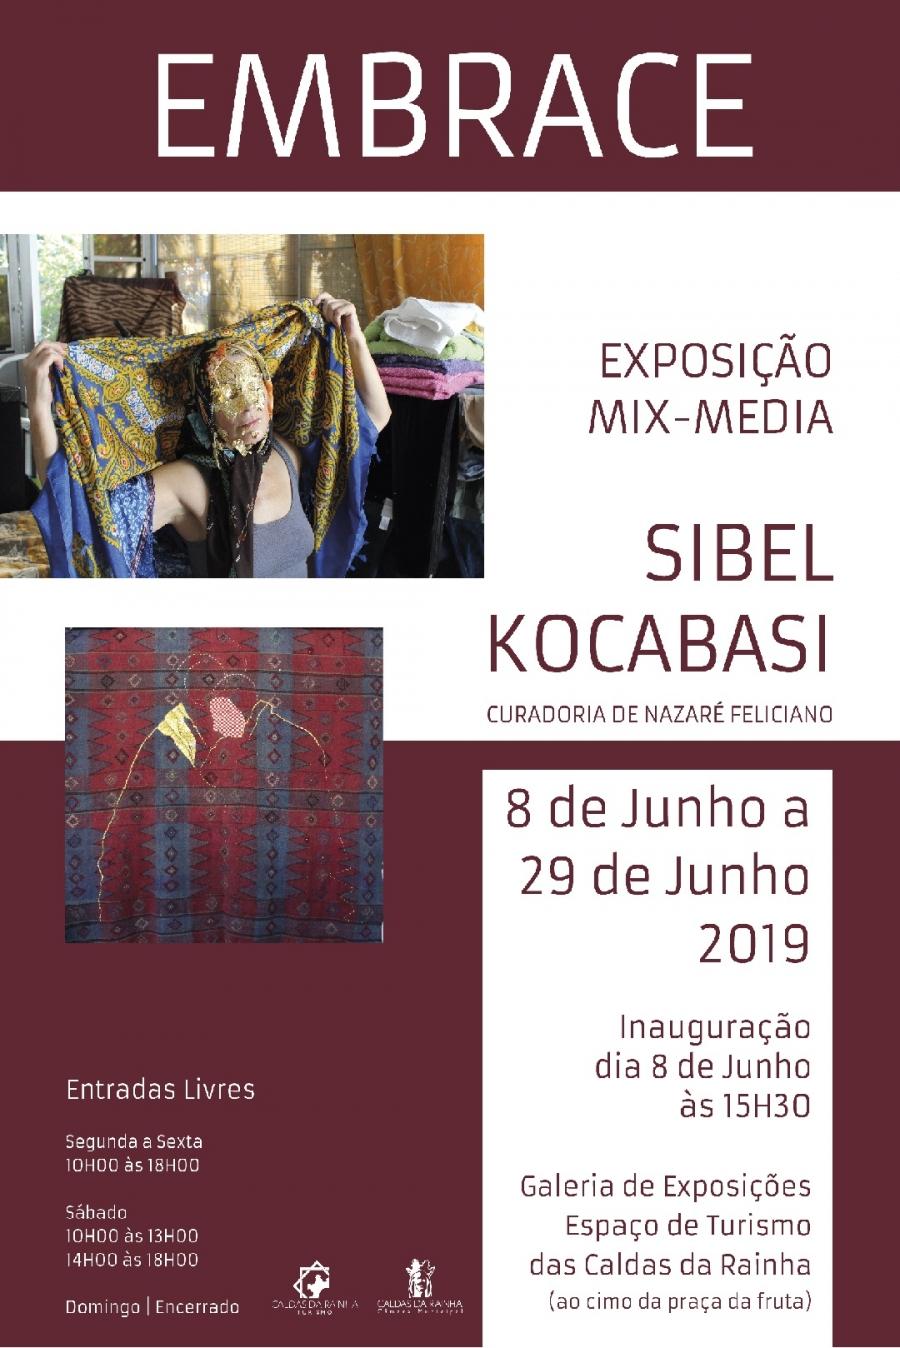 """Exposição Mix-media """"Embrace"""", de Sibel Kocabasi"""